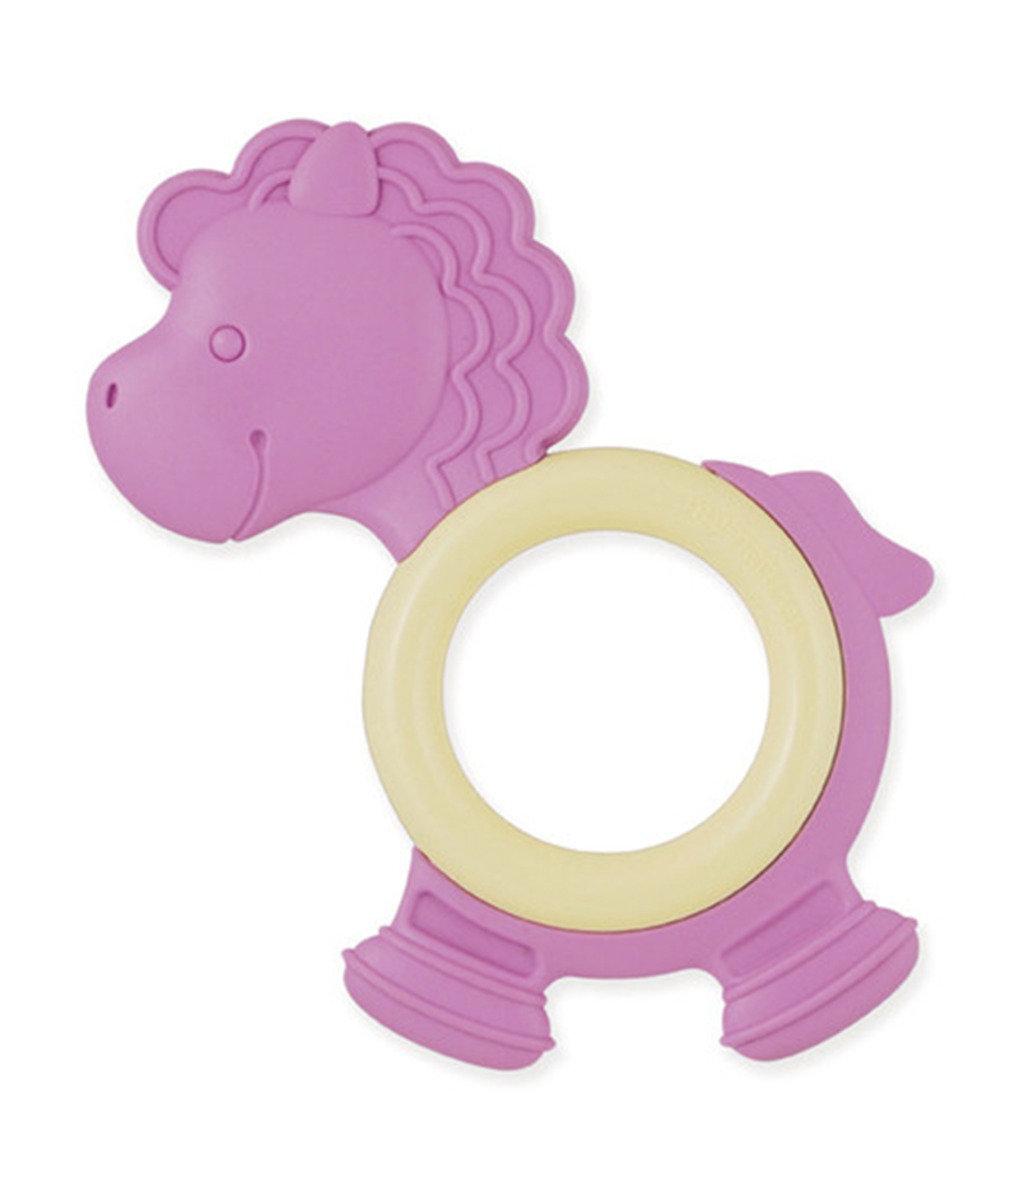 美國紐約My Natural™純天然有機環保牙膠 - 粉紫小馬